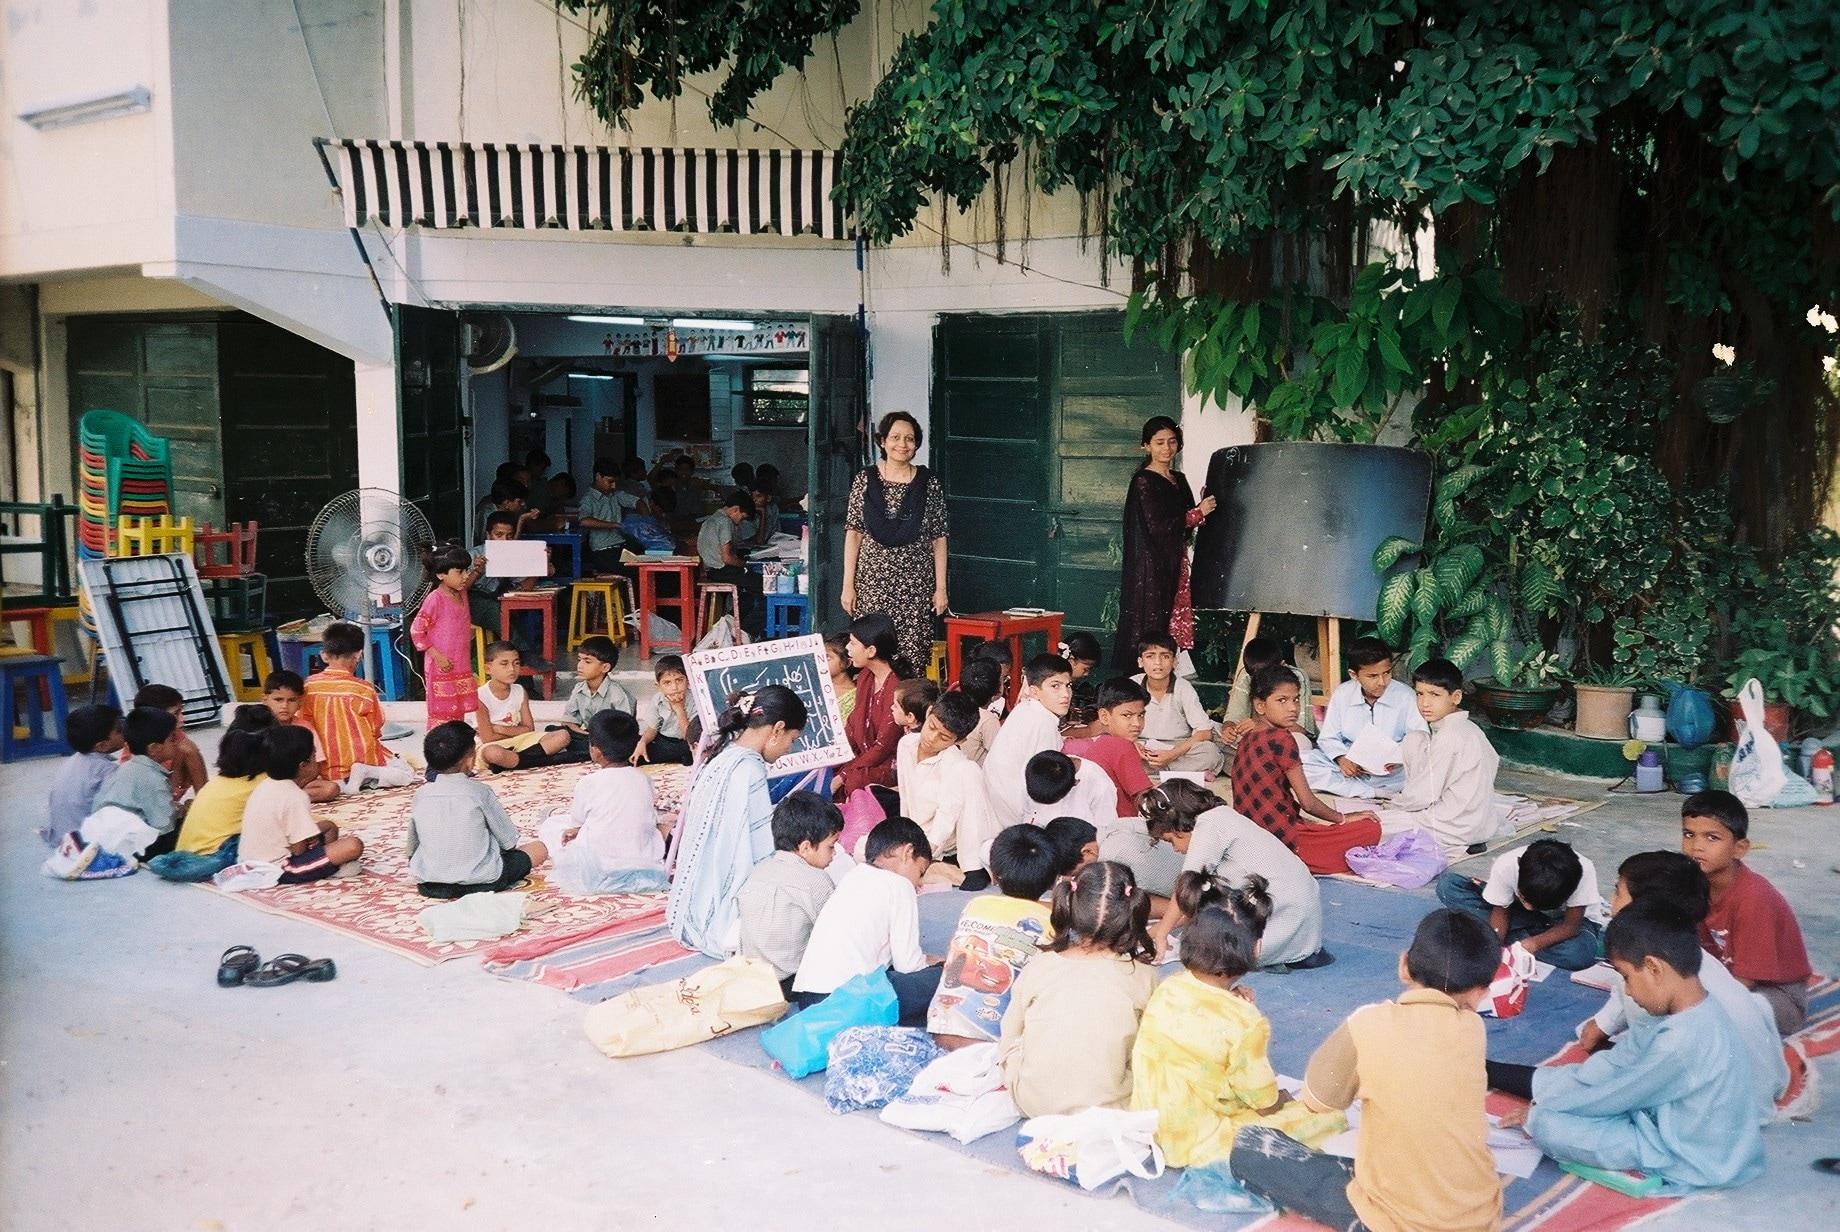 Teaching children outside